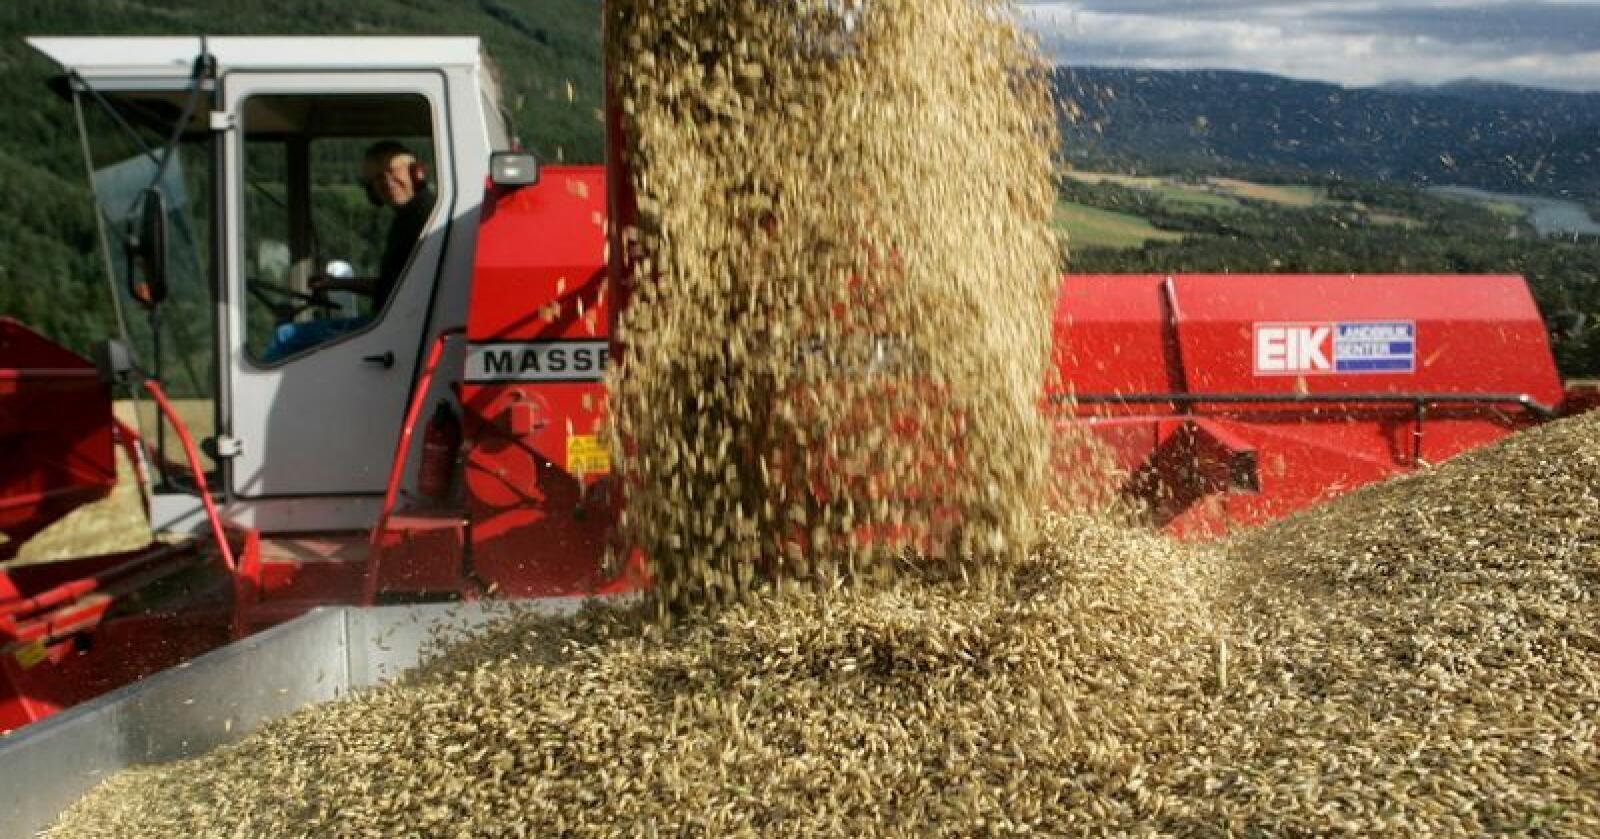 Kan det være mulig å produsere mesteparten av råvarene til kraftfôret i Norge?